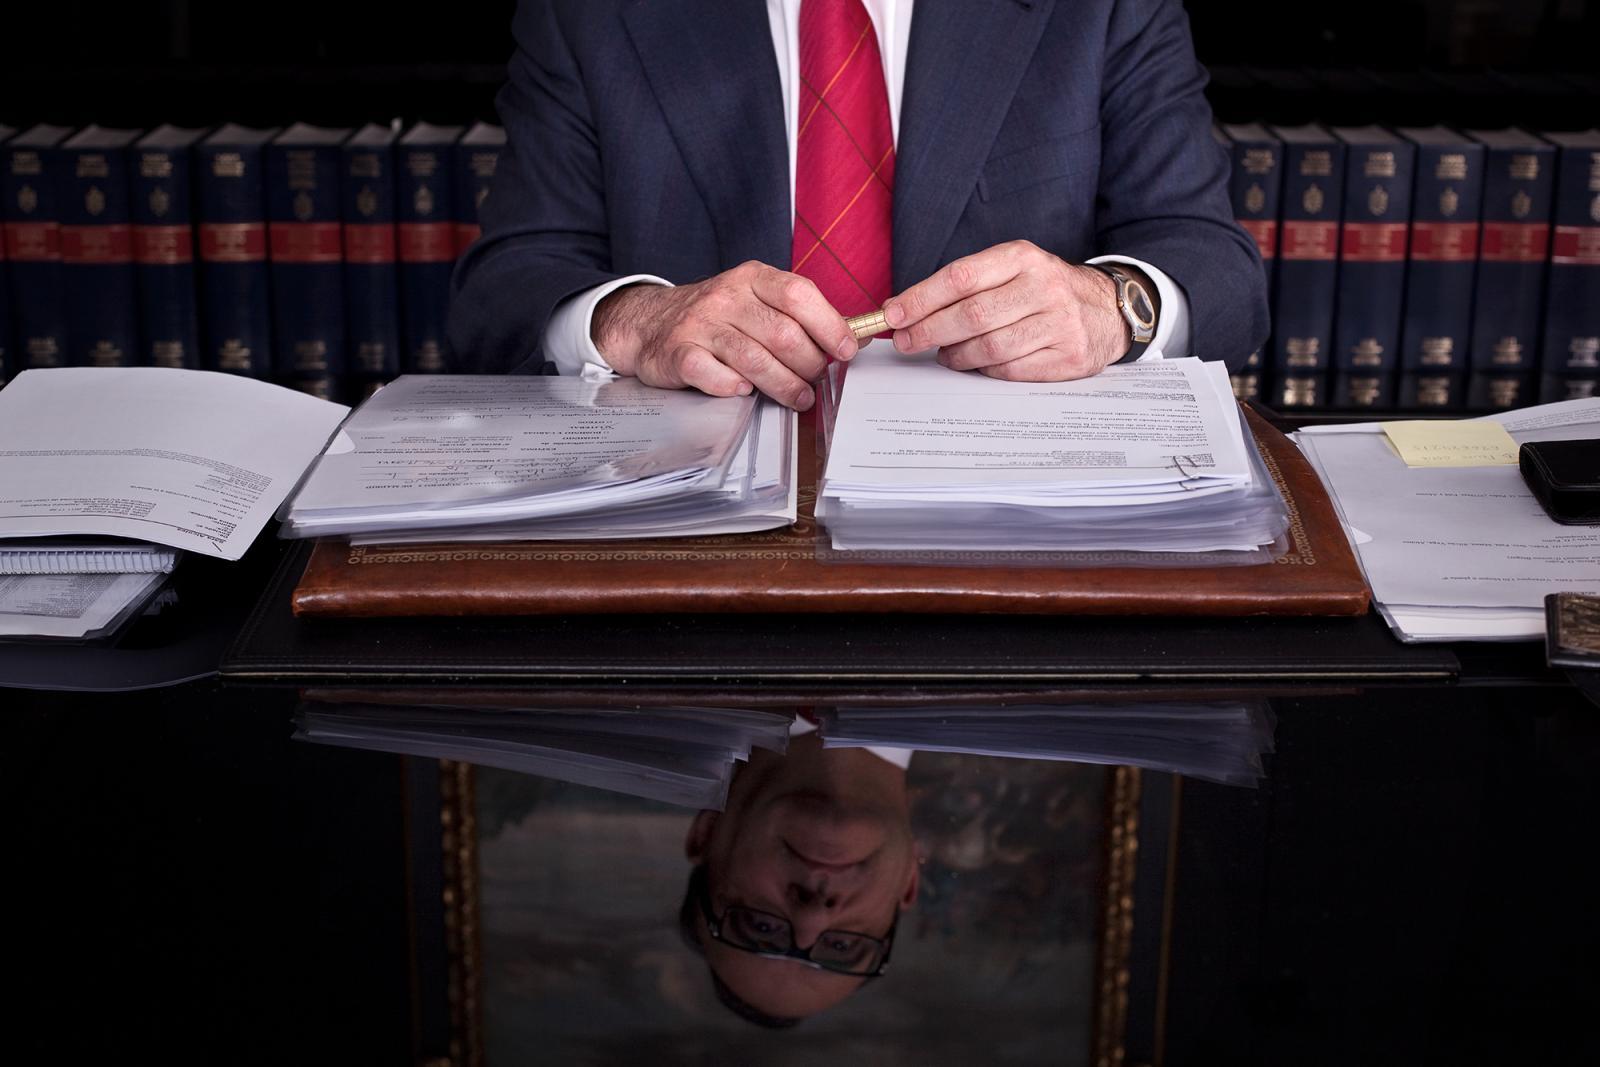 Pedro Ramón y Cajal, abogado / lawyer